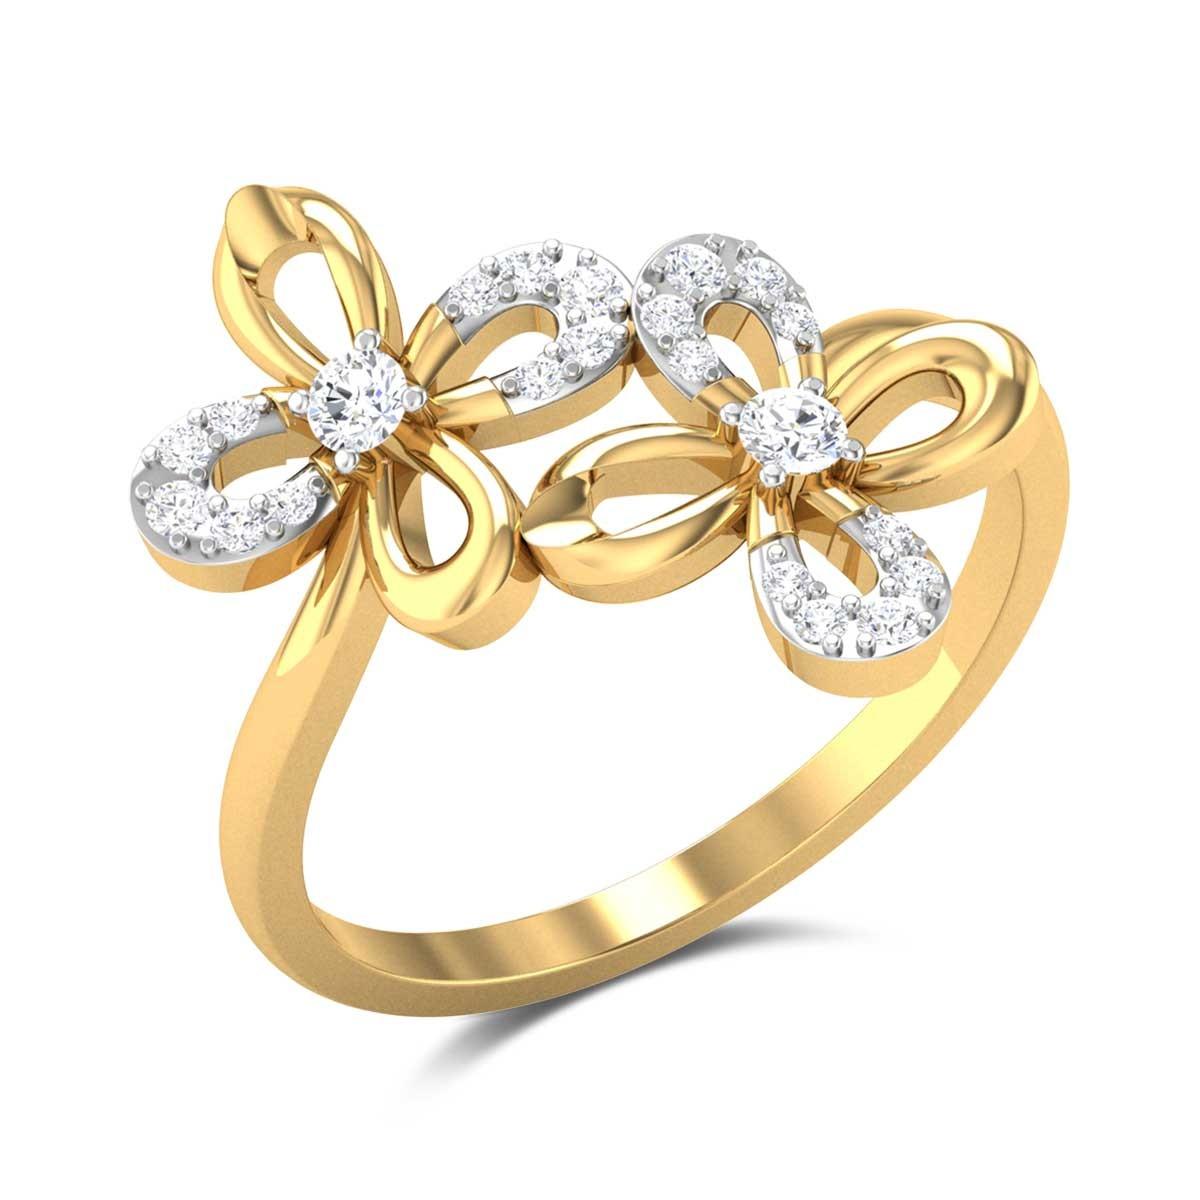 Aemilia Floral Diamond Ring